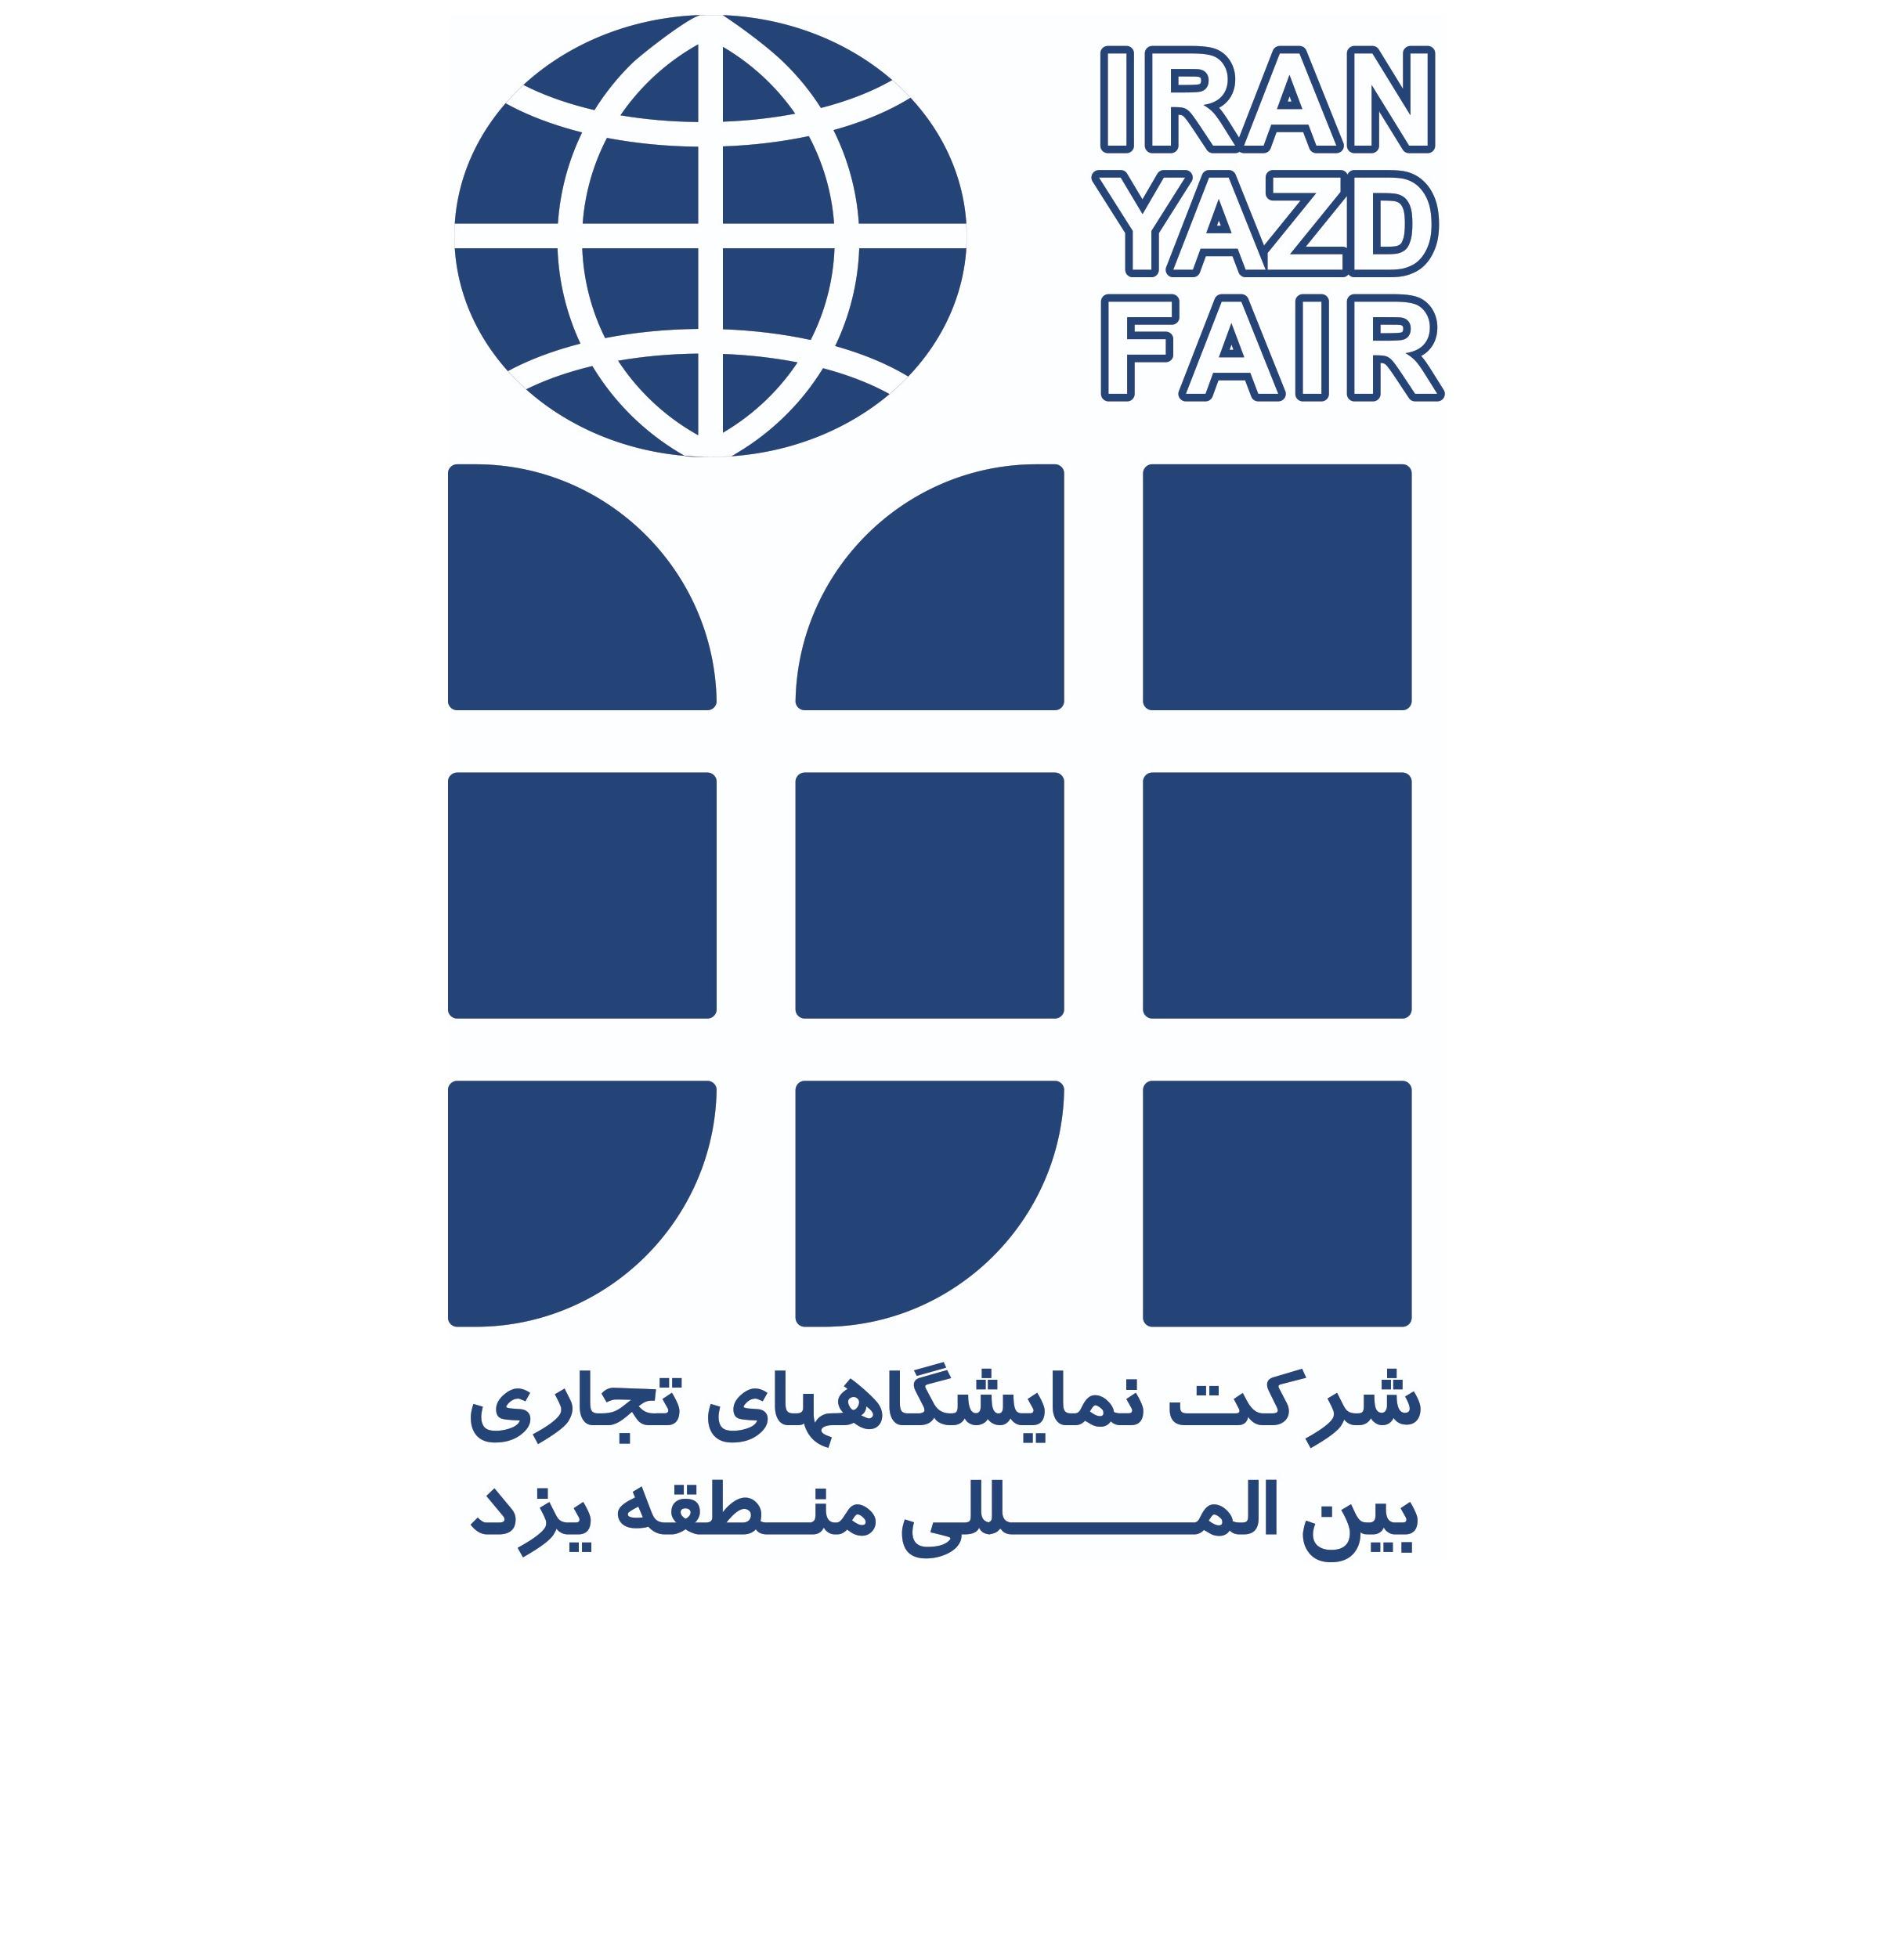 صدور مجوز های برگزاری نمایشگاه های استان تسط شرکت نمایشگاه های بین المللی یزد